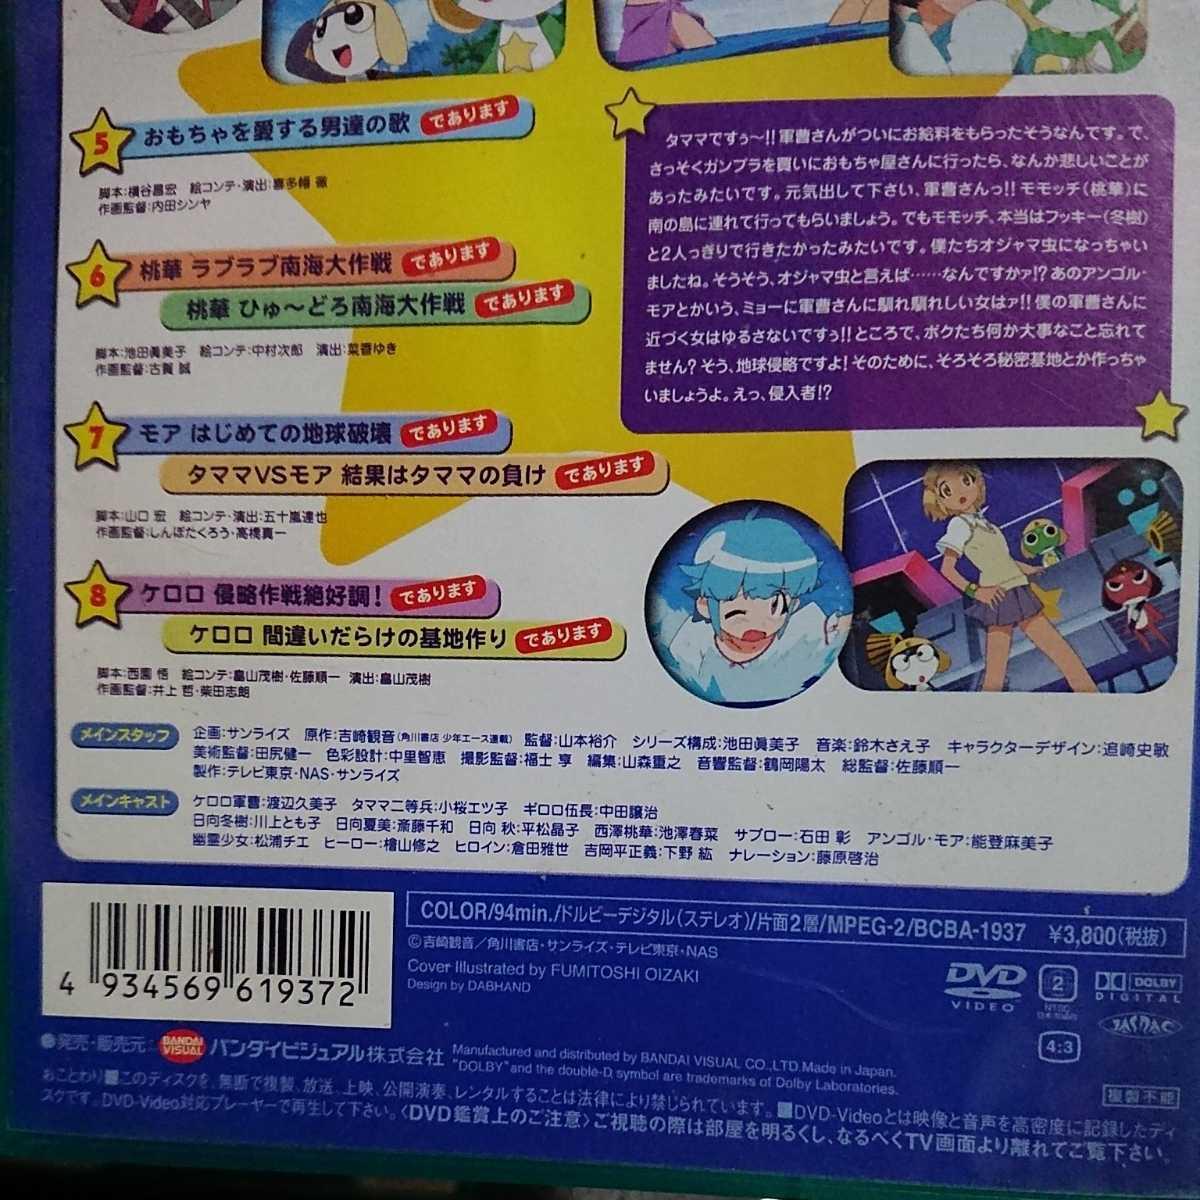 ケロロ軍曹 2 DVD disc良好品